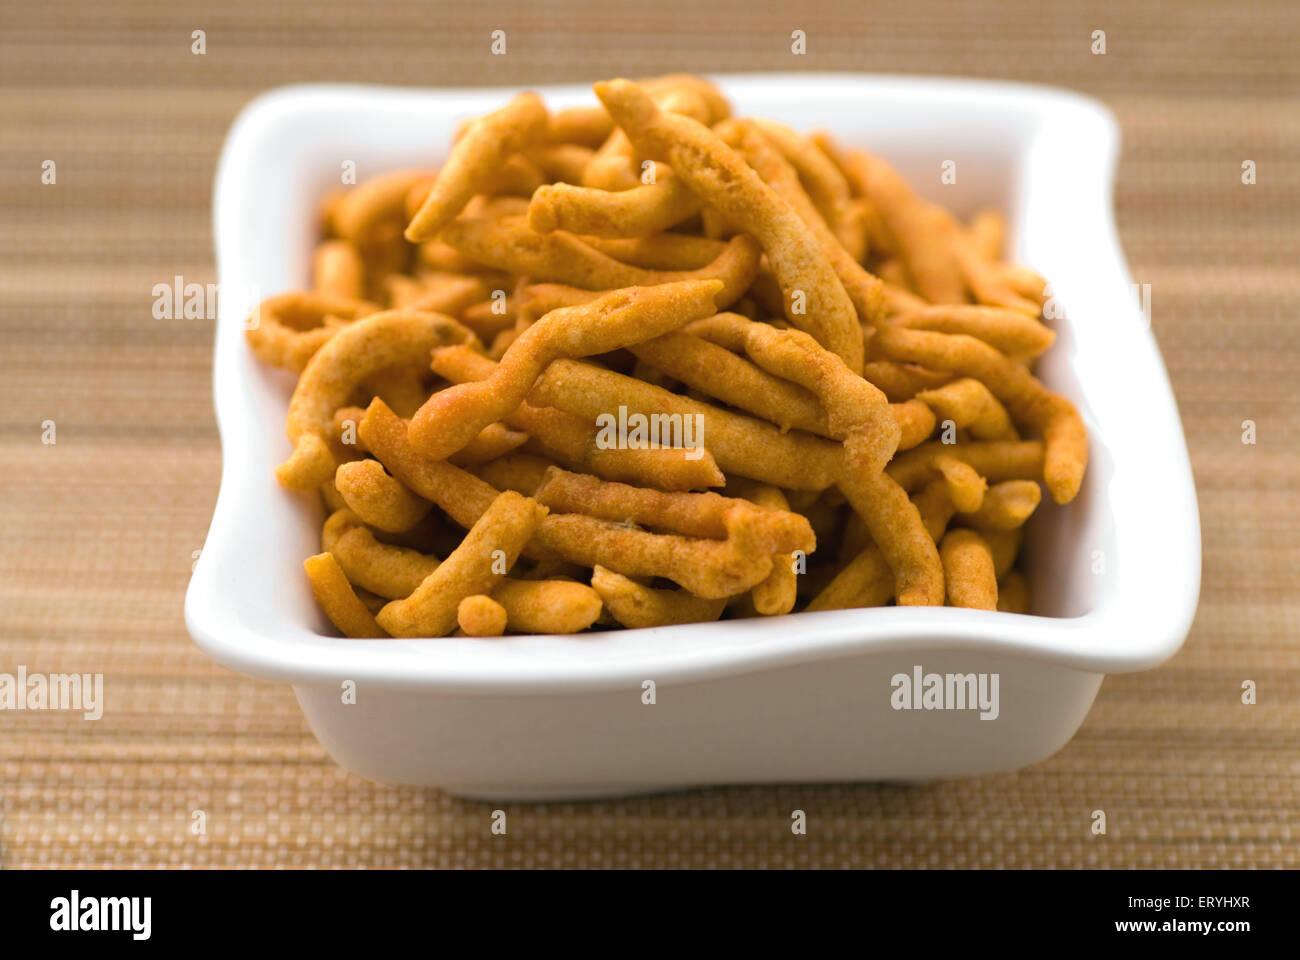 Snacks; Gramm Mehl gebratene würzige Sev im tray Stockbild